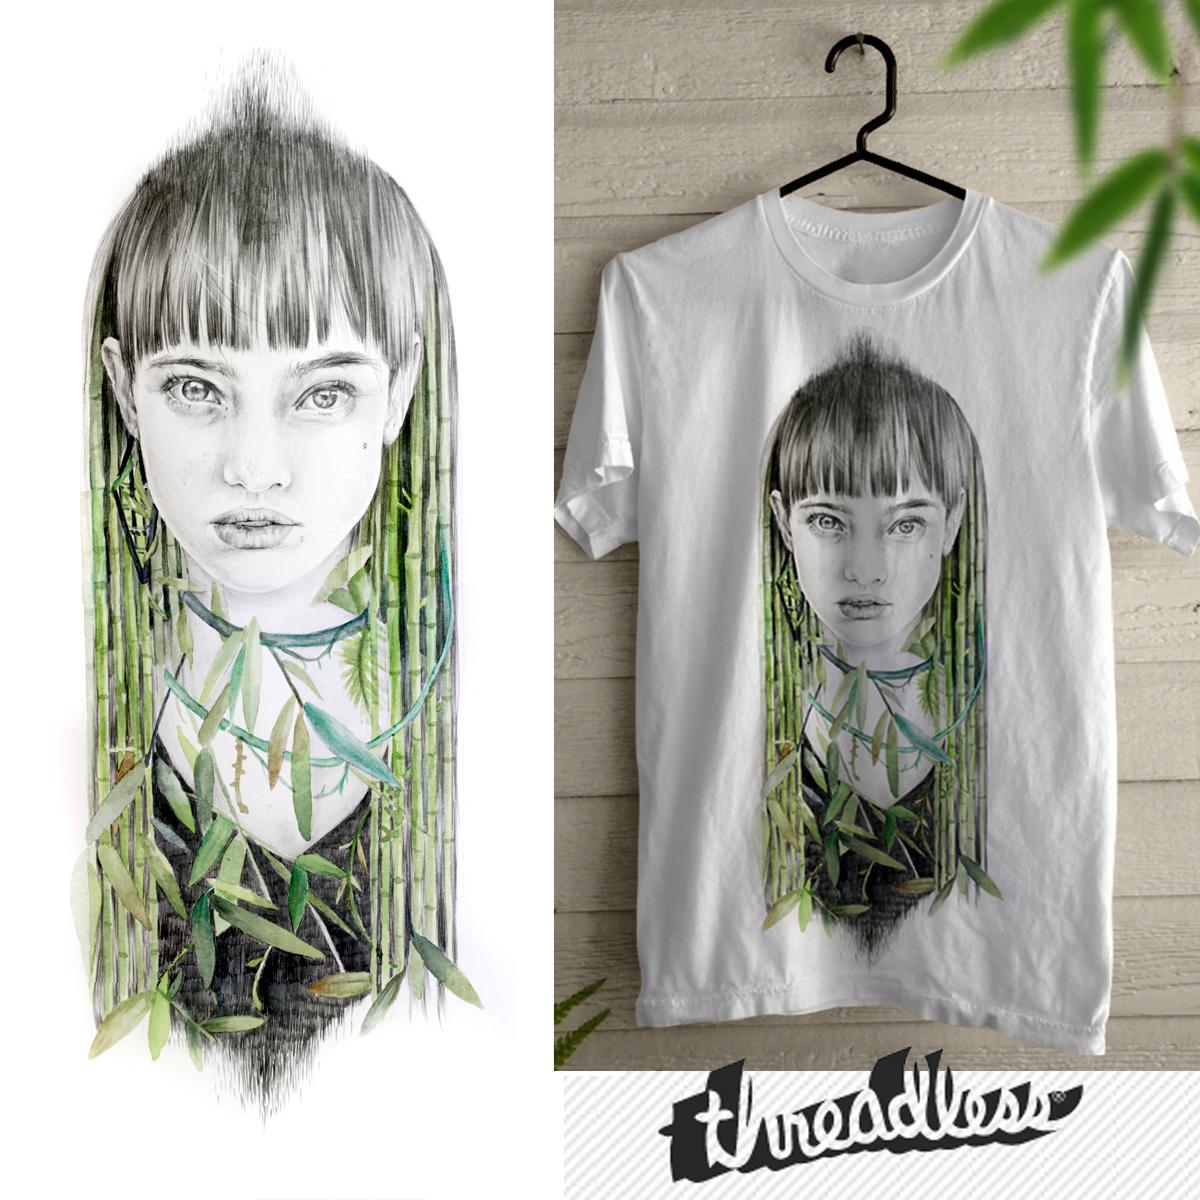 Bamboo girl by naranjalidad on Threadless